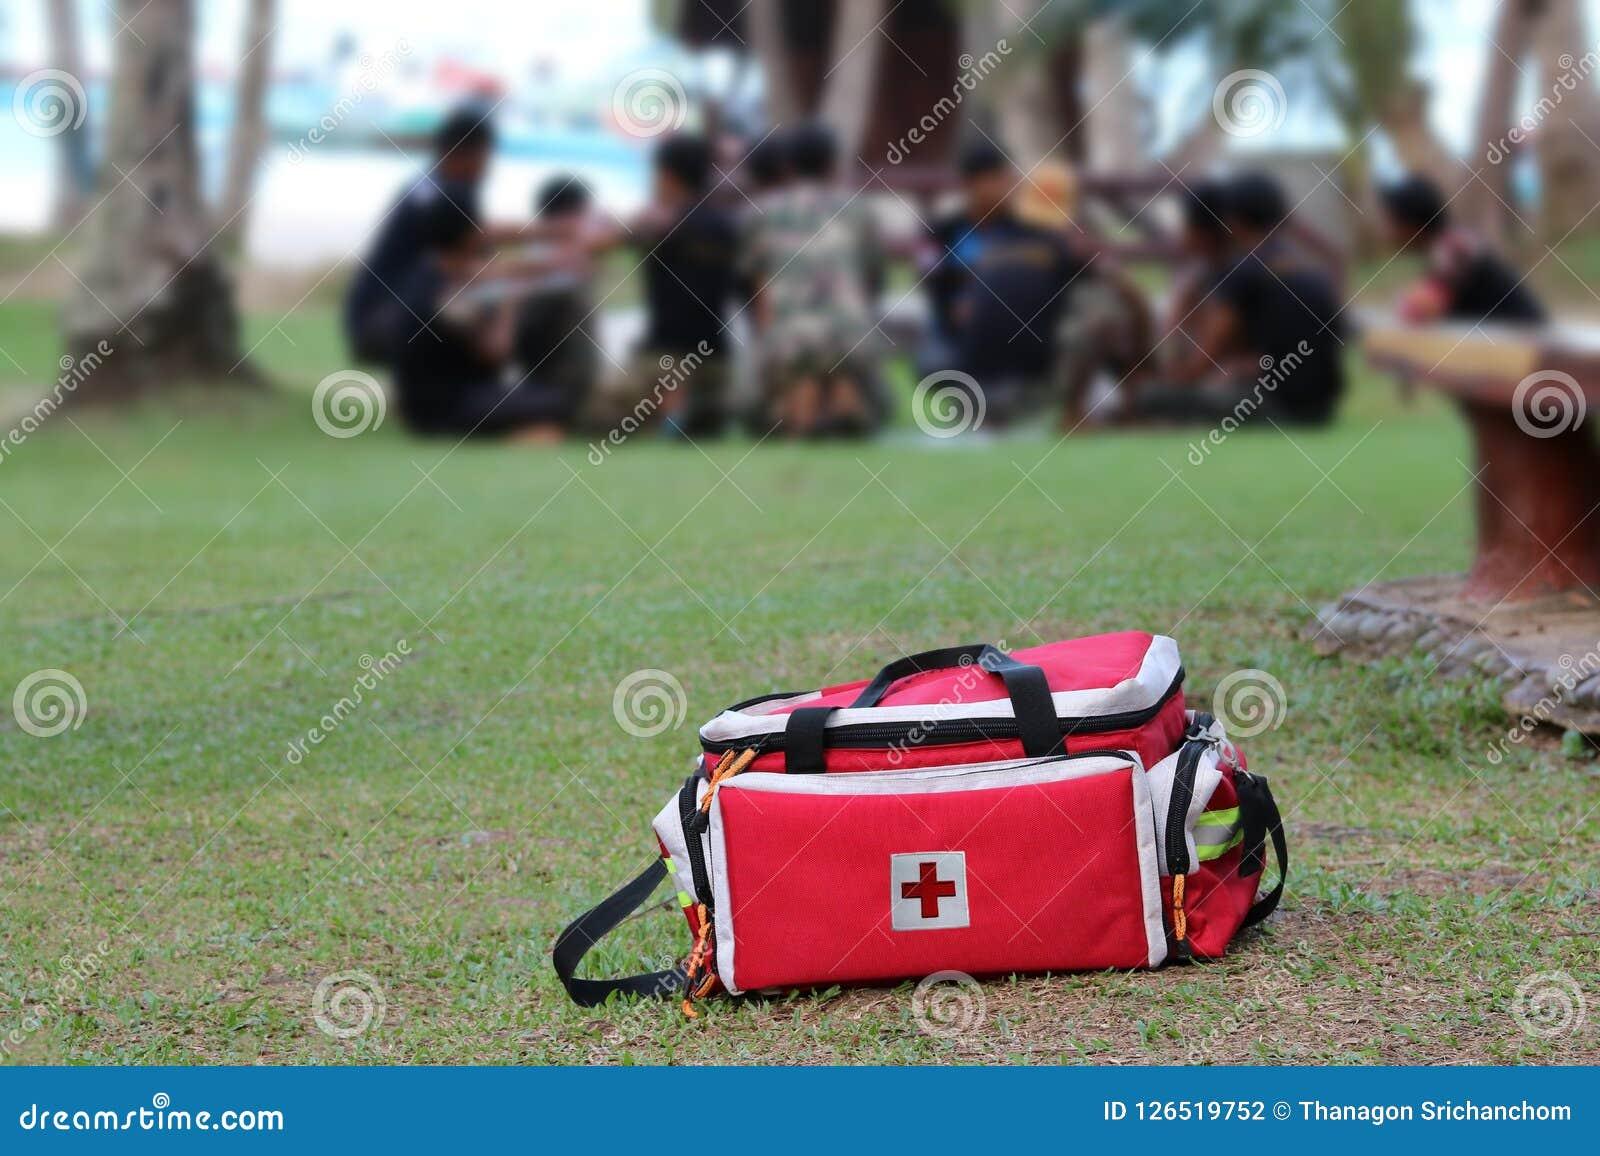 Medycznego nagłego wypadku narzędziowej torby lub pierwszej pomocy zestaw z ludźmi który resc